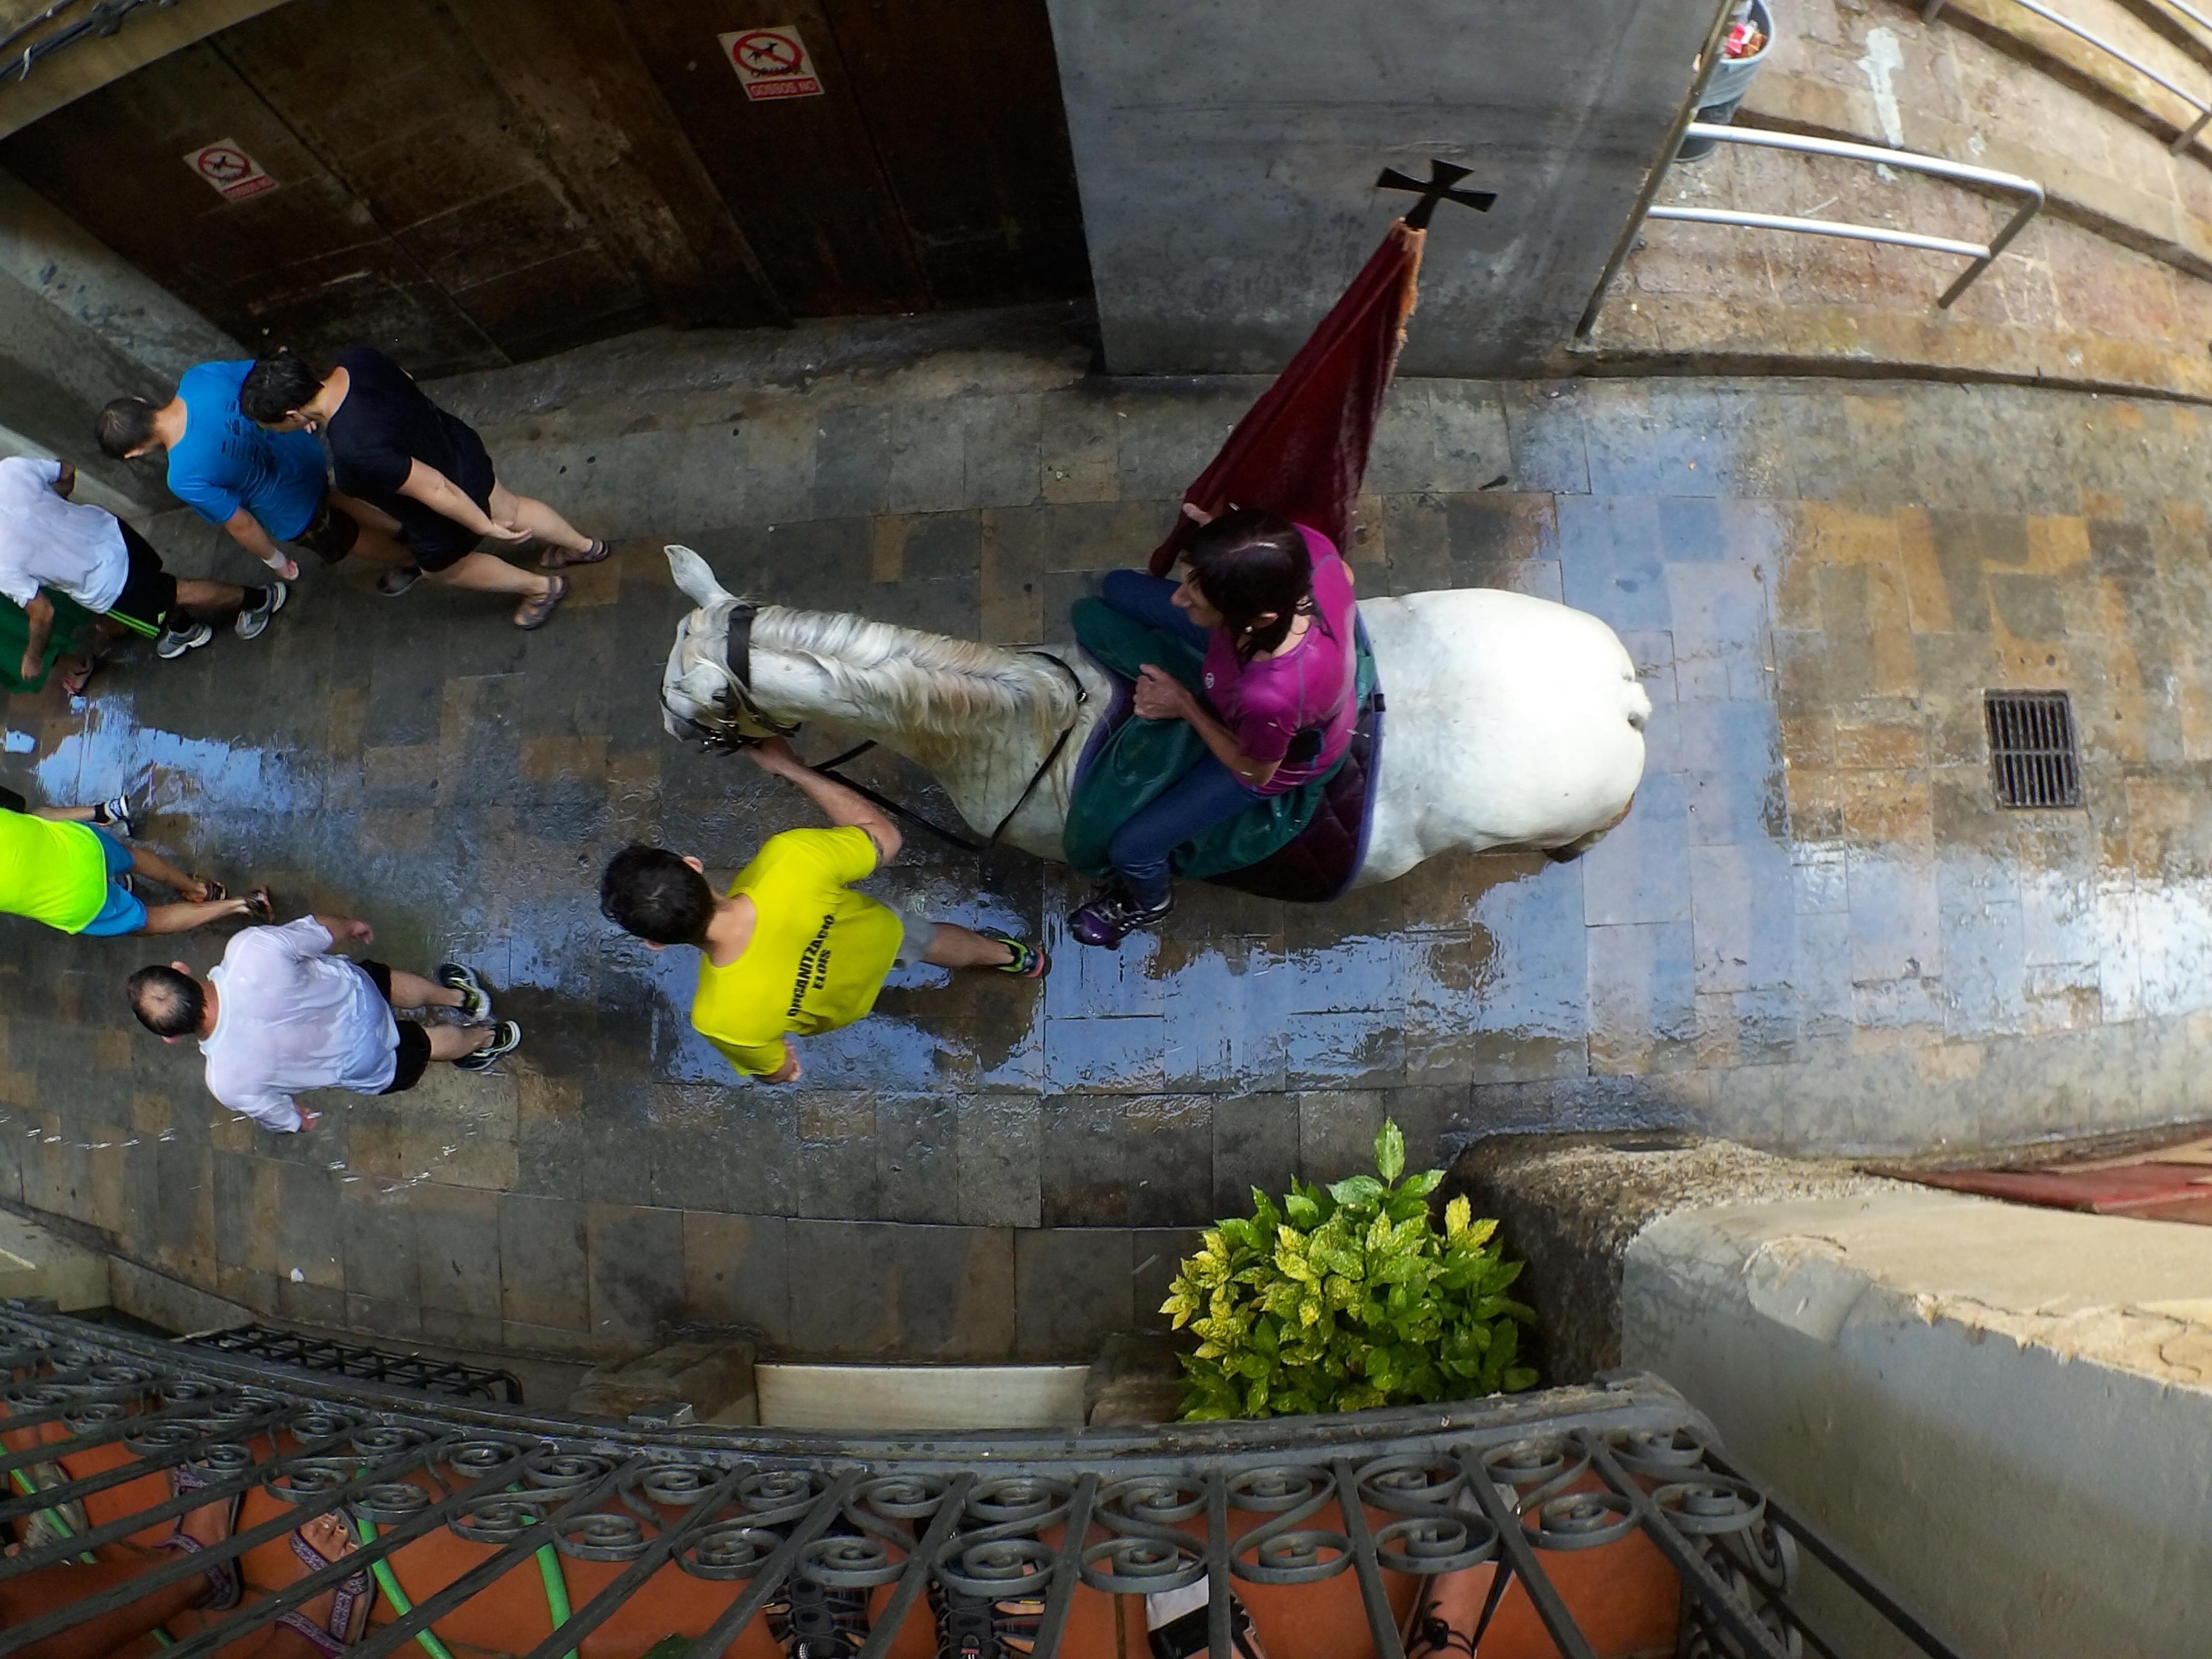 La bandera la confraria de Sant Eloi remullada als carrers del casc antic de Berga. FOTO: Anna E. Puig